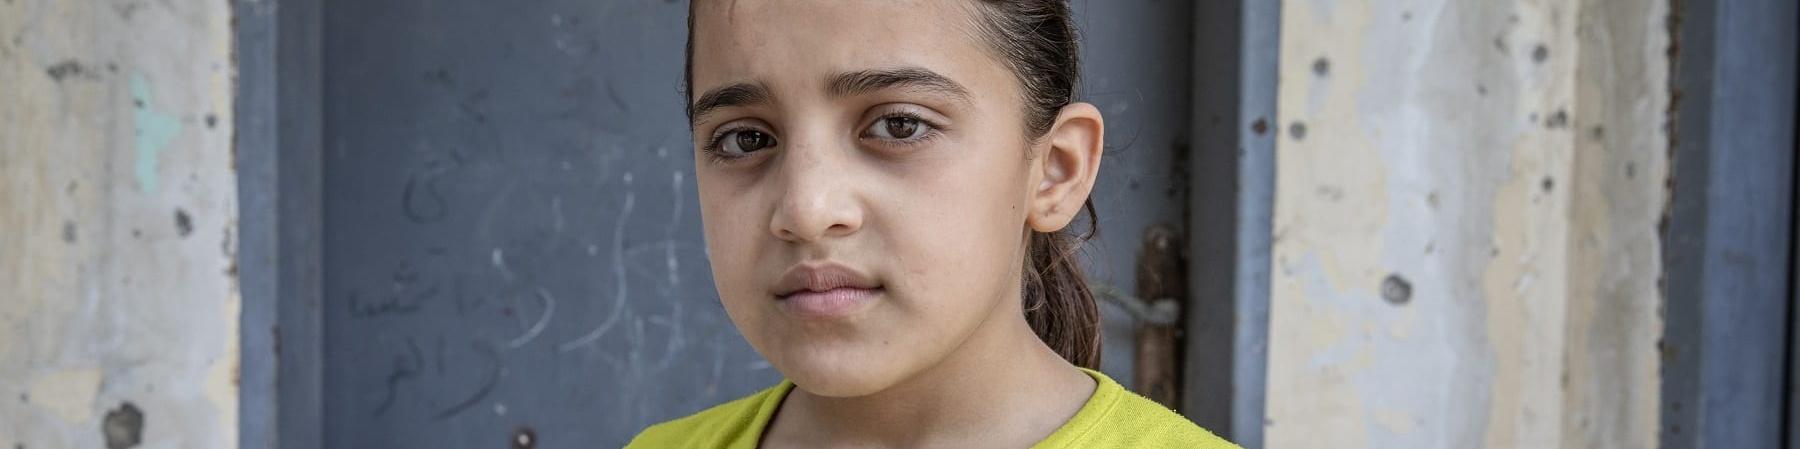 Mezzo busto di una bambina palestinese che indossa una maglietta gialla a maniche corte con alcune scritte colorate sopra. La bambina è castana ed ha i capelli raccolti in una coda.